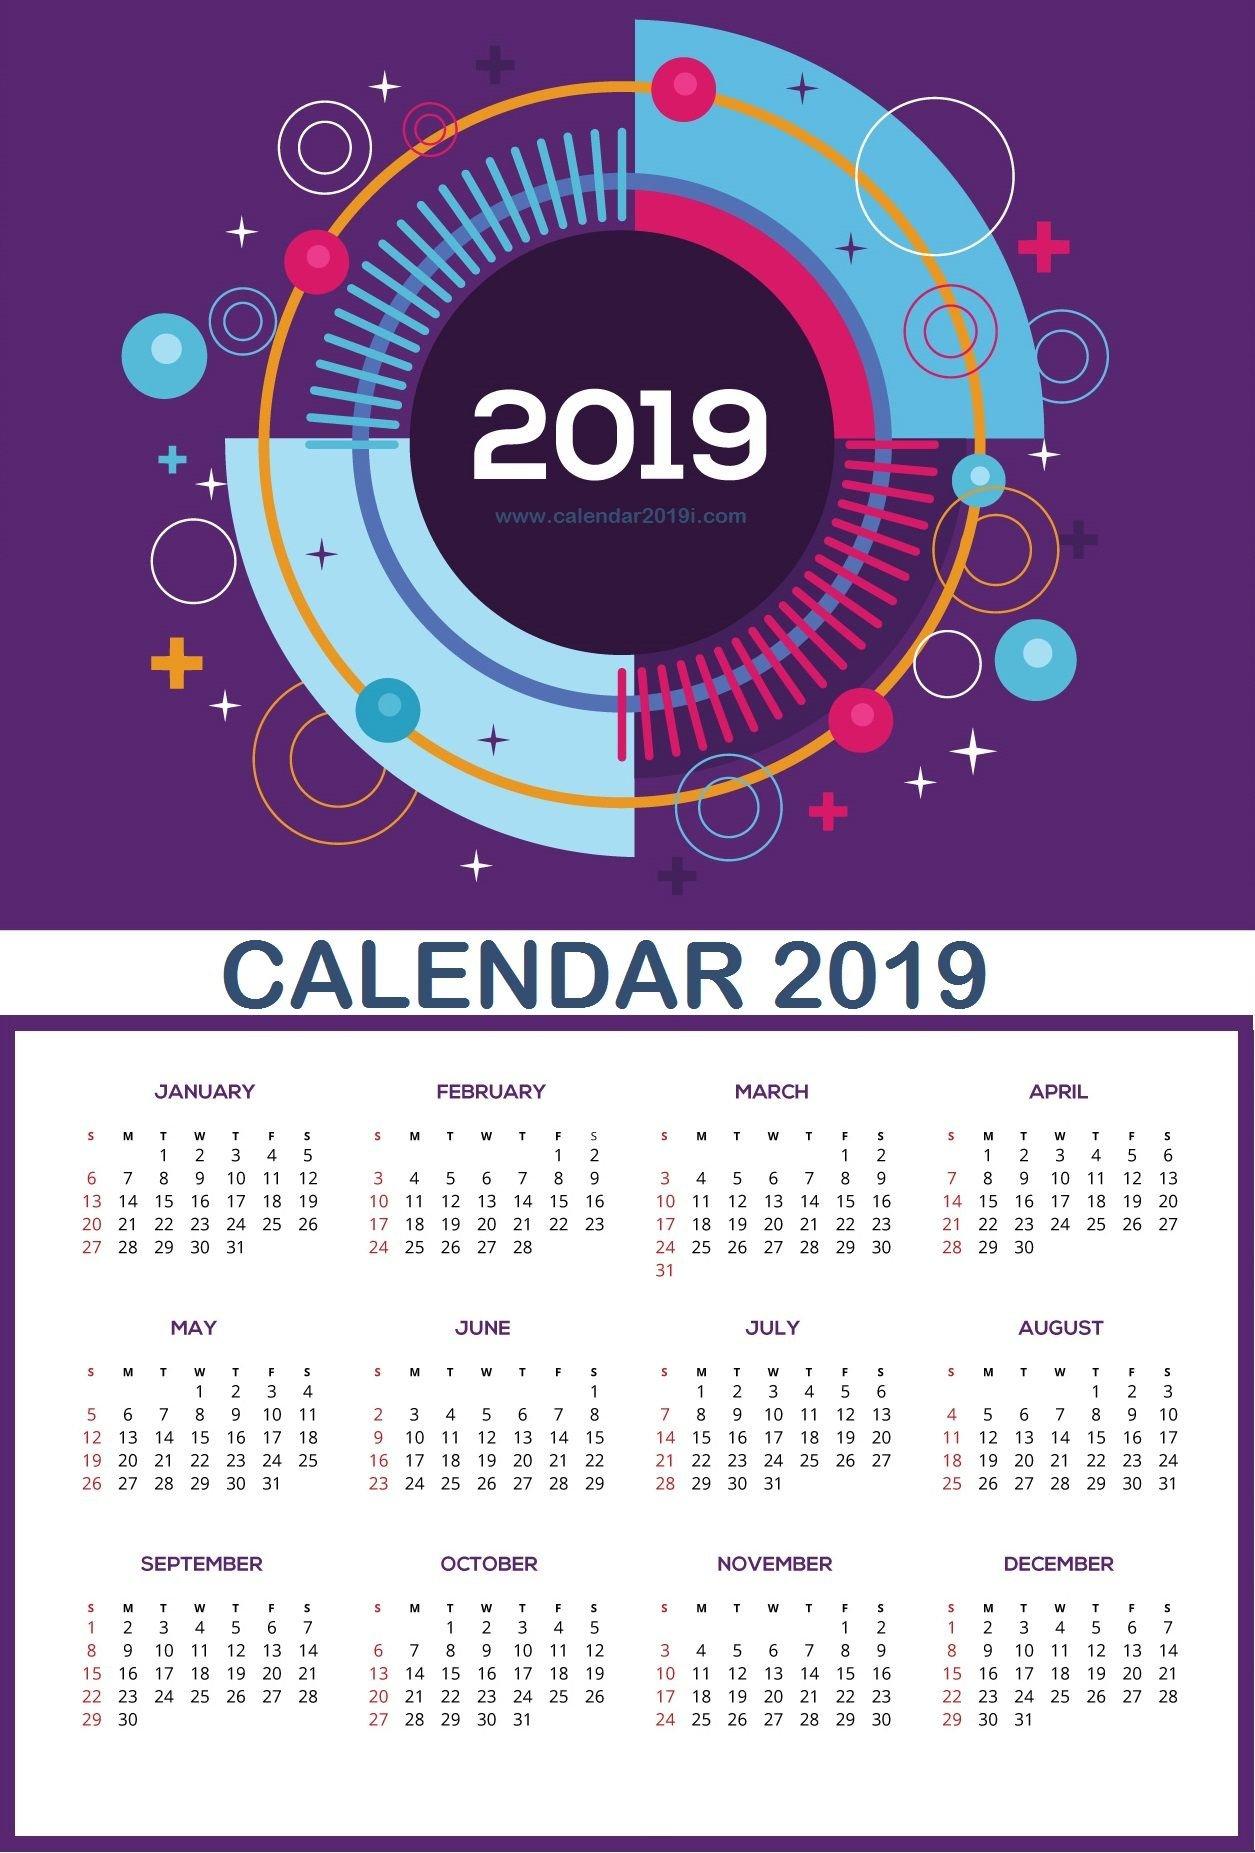 Large Wall Calendar 2019 | Planner | Wall Calendar Design, Monthly Calendar 2019 Wall